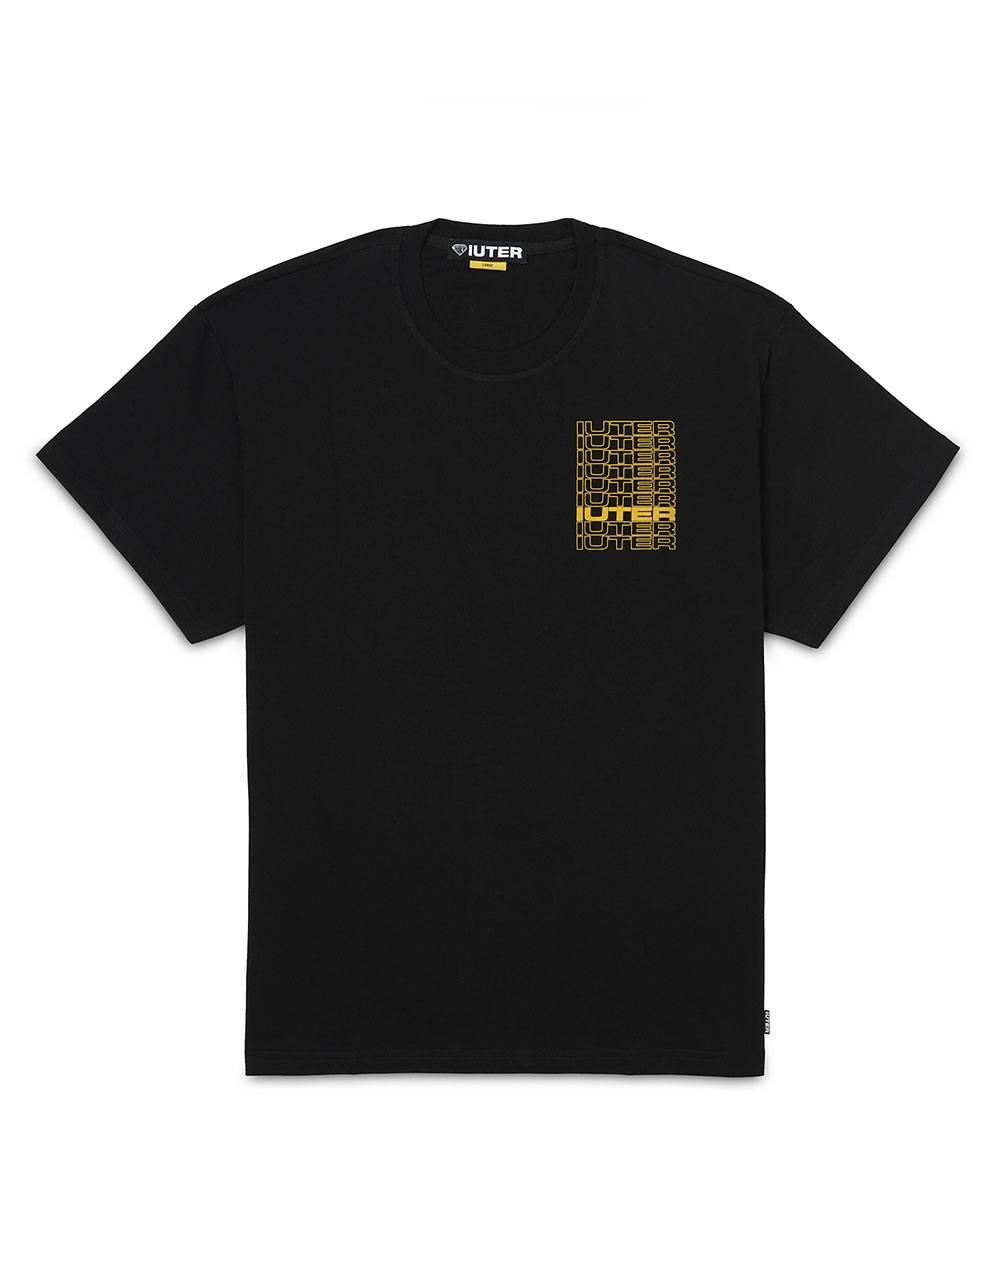 Iuter Spine tee - Black IUTER T-shirt 45,00€